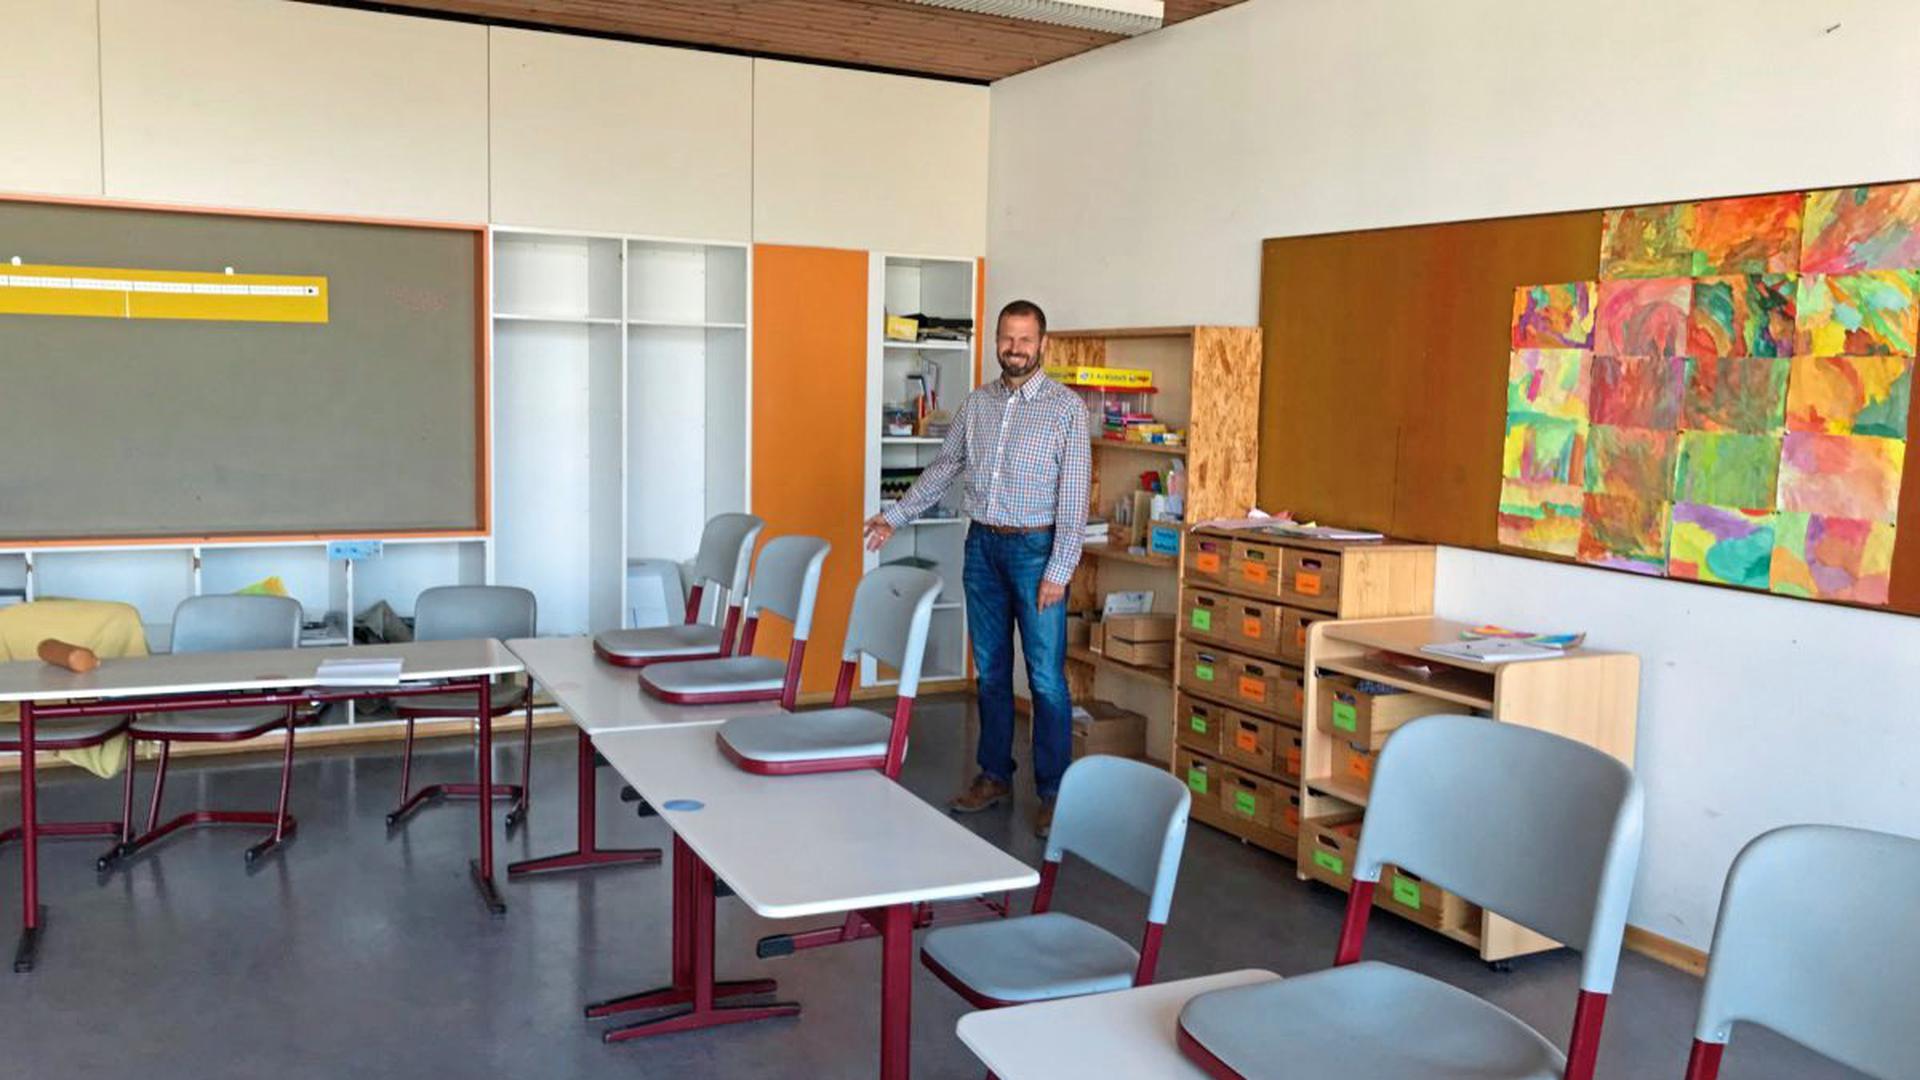 Mängel in Klassenzimmern meldeten Eltern der Strombergschule Oberderdingen den BNN. Schulleiter Josef Roth beschwichtigt.